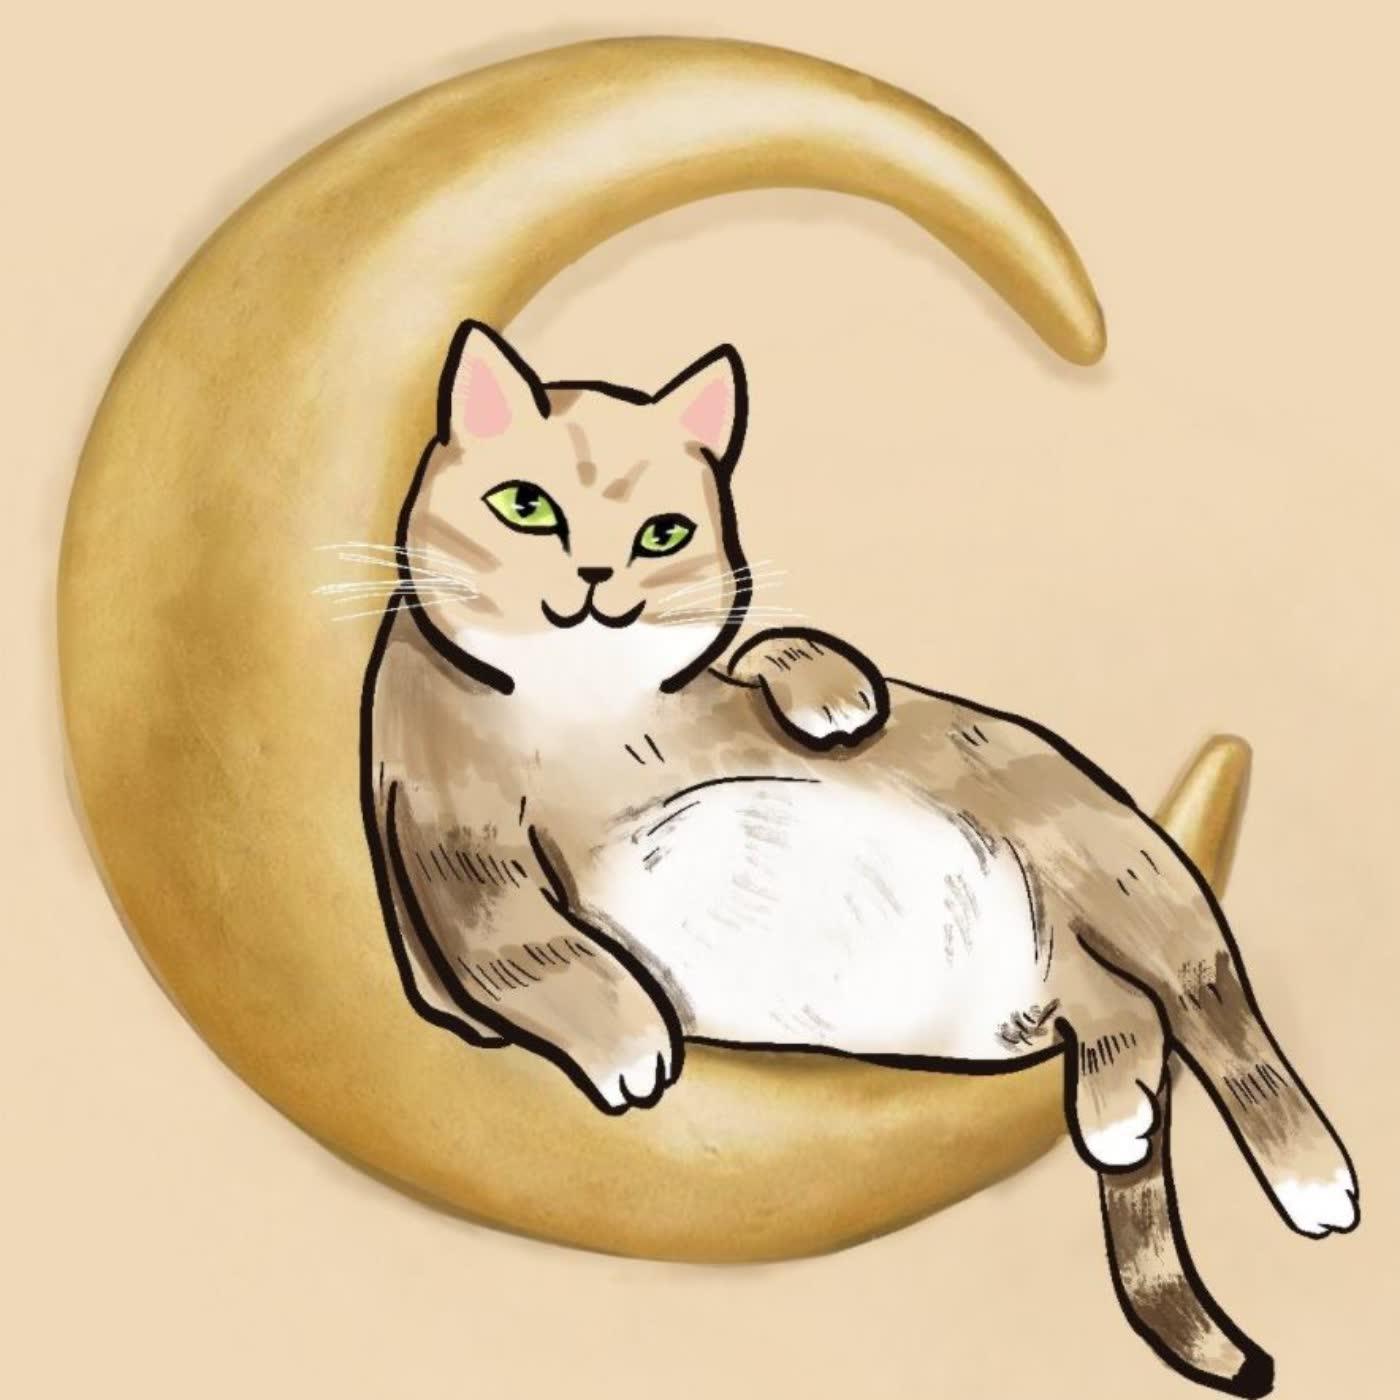 月貓的投資故事